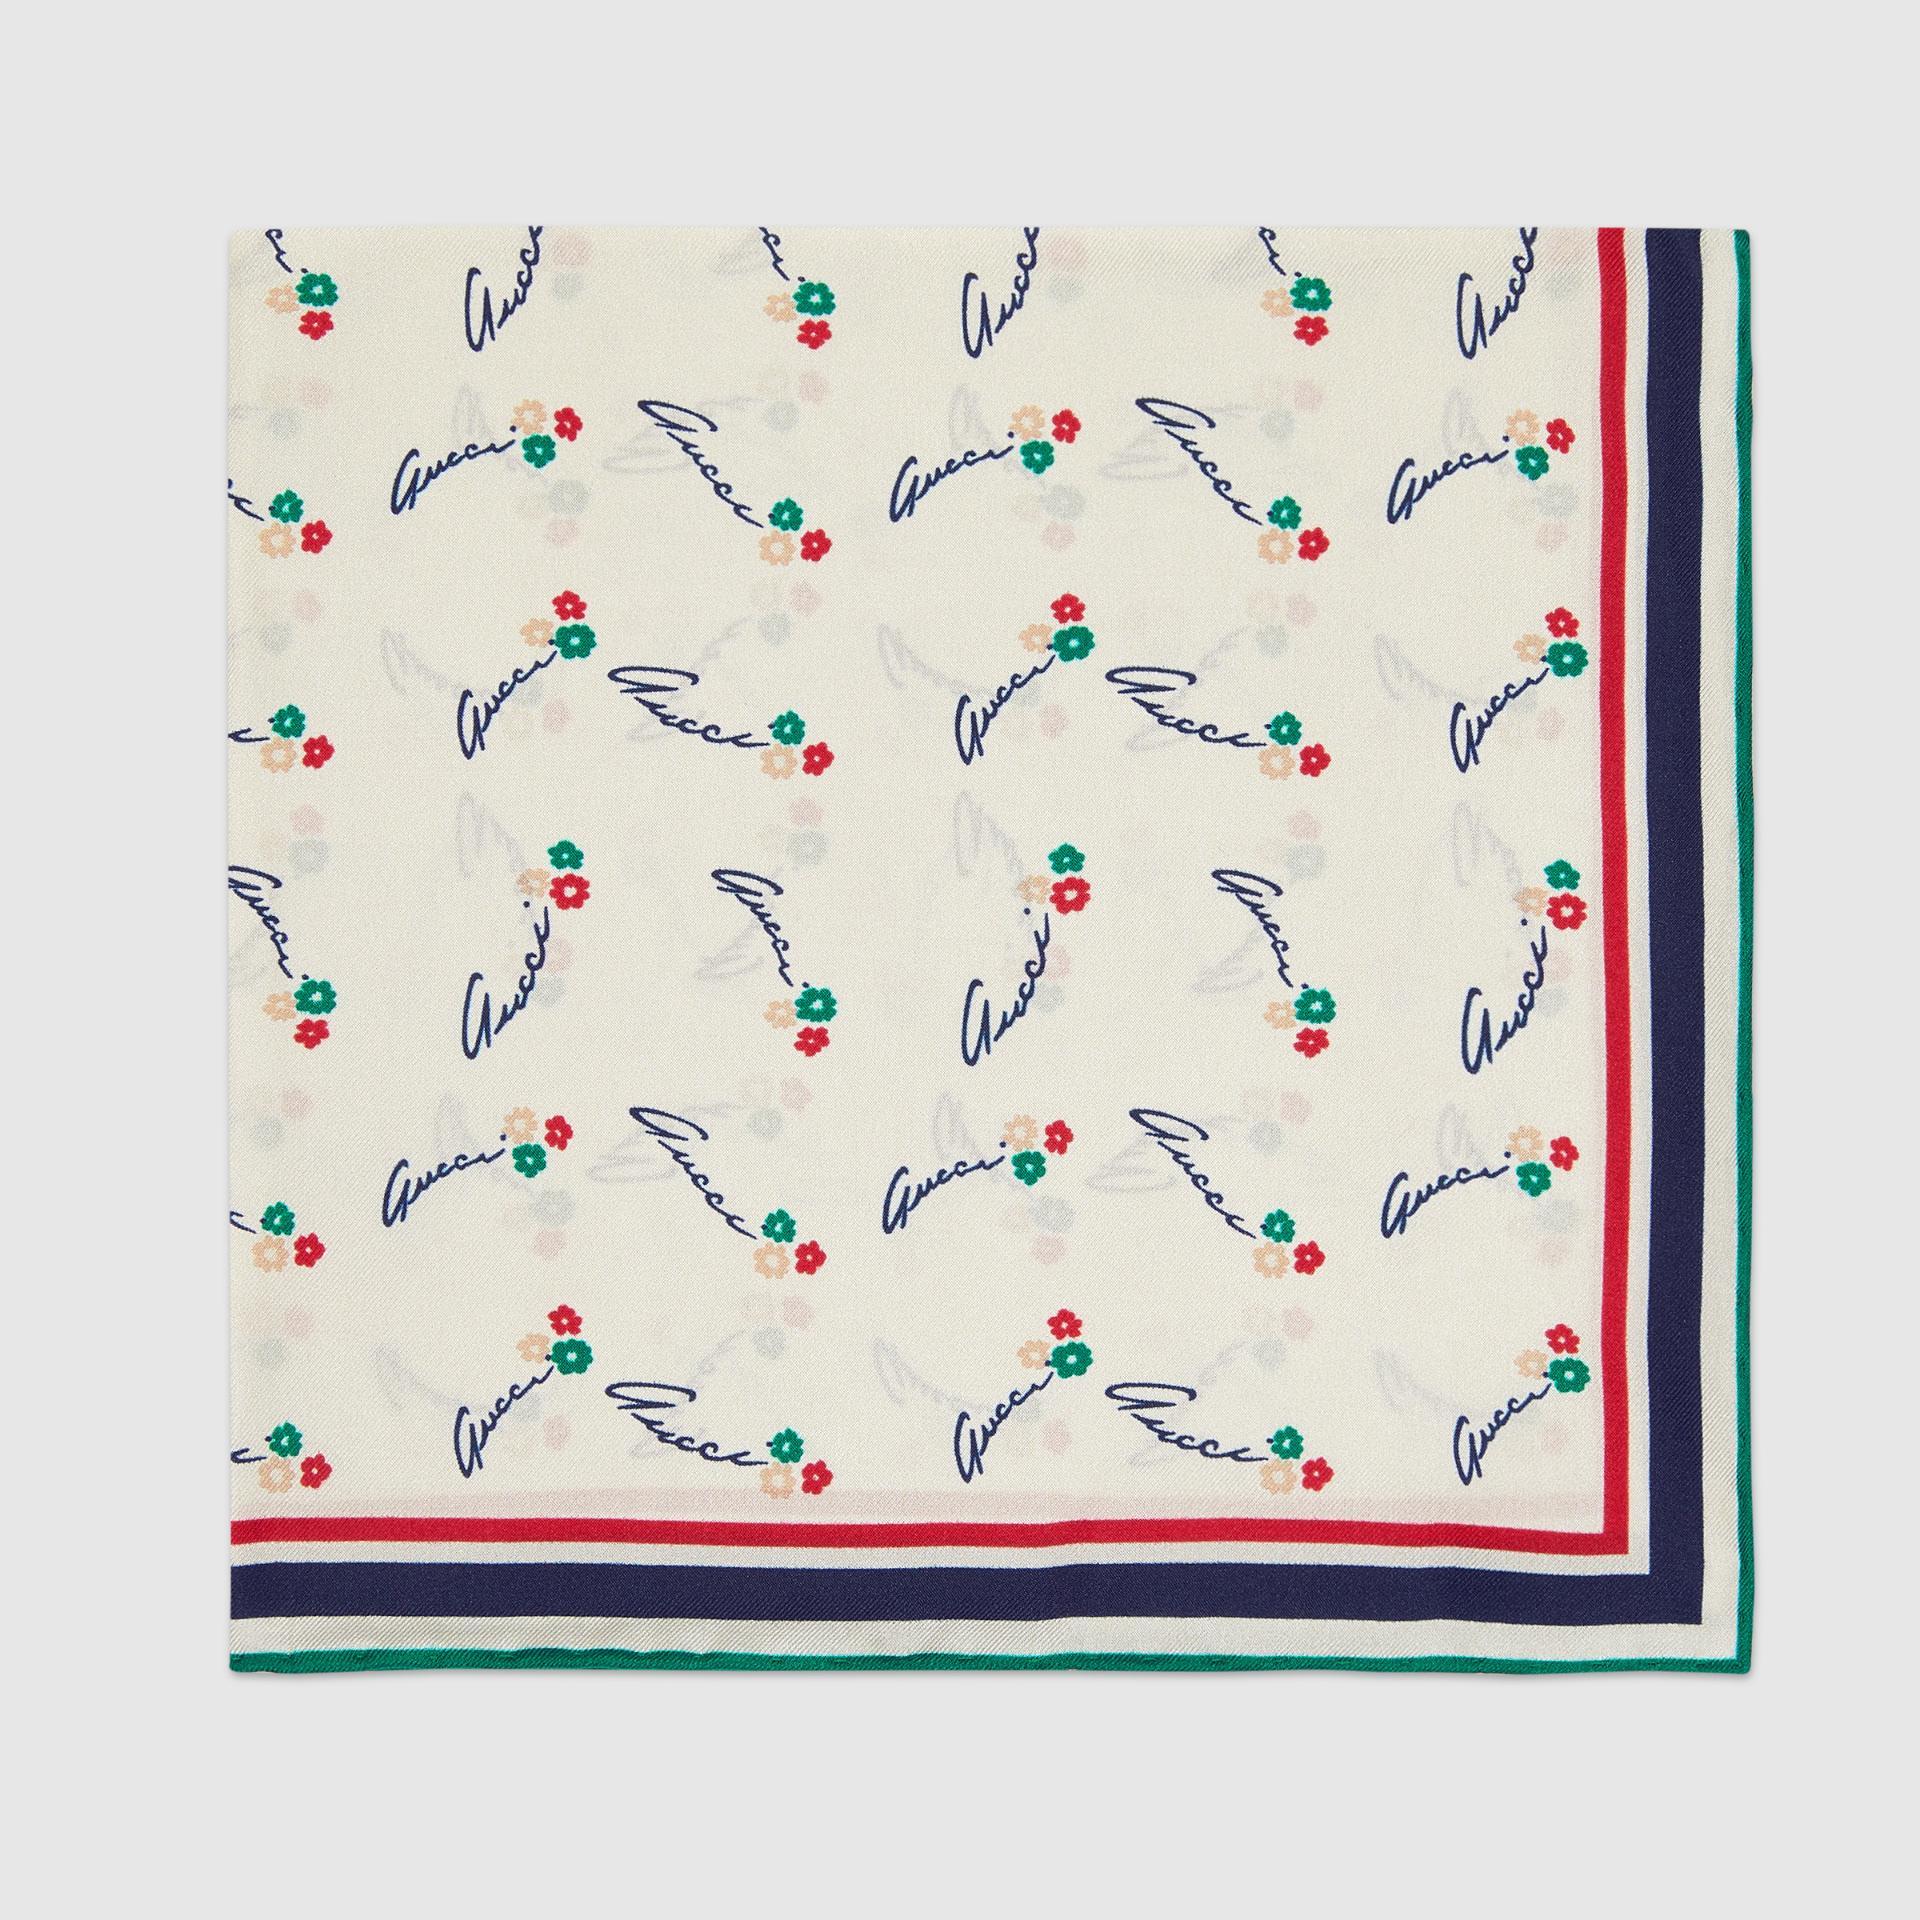 유럽직배송 구찌 GUCCI Gucci - Gucci flowers print silk pocket square 6604104G0019200